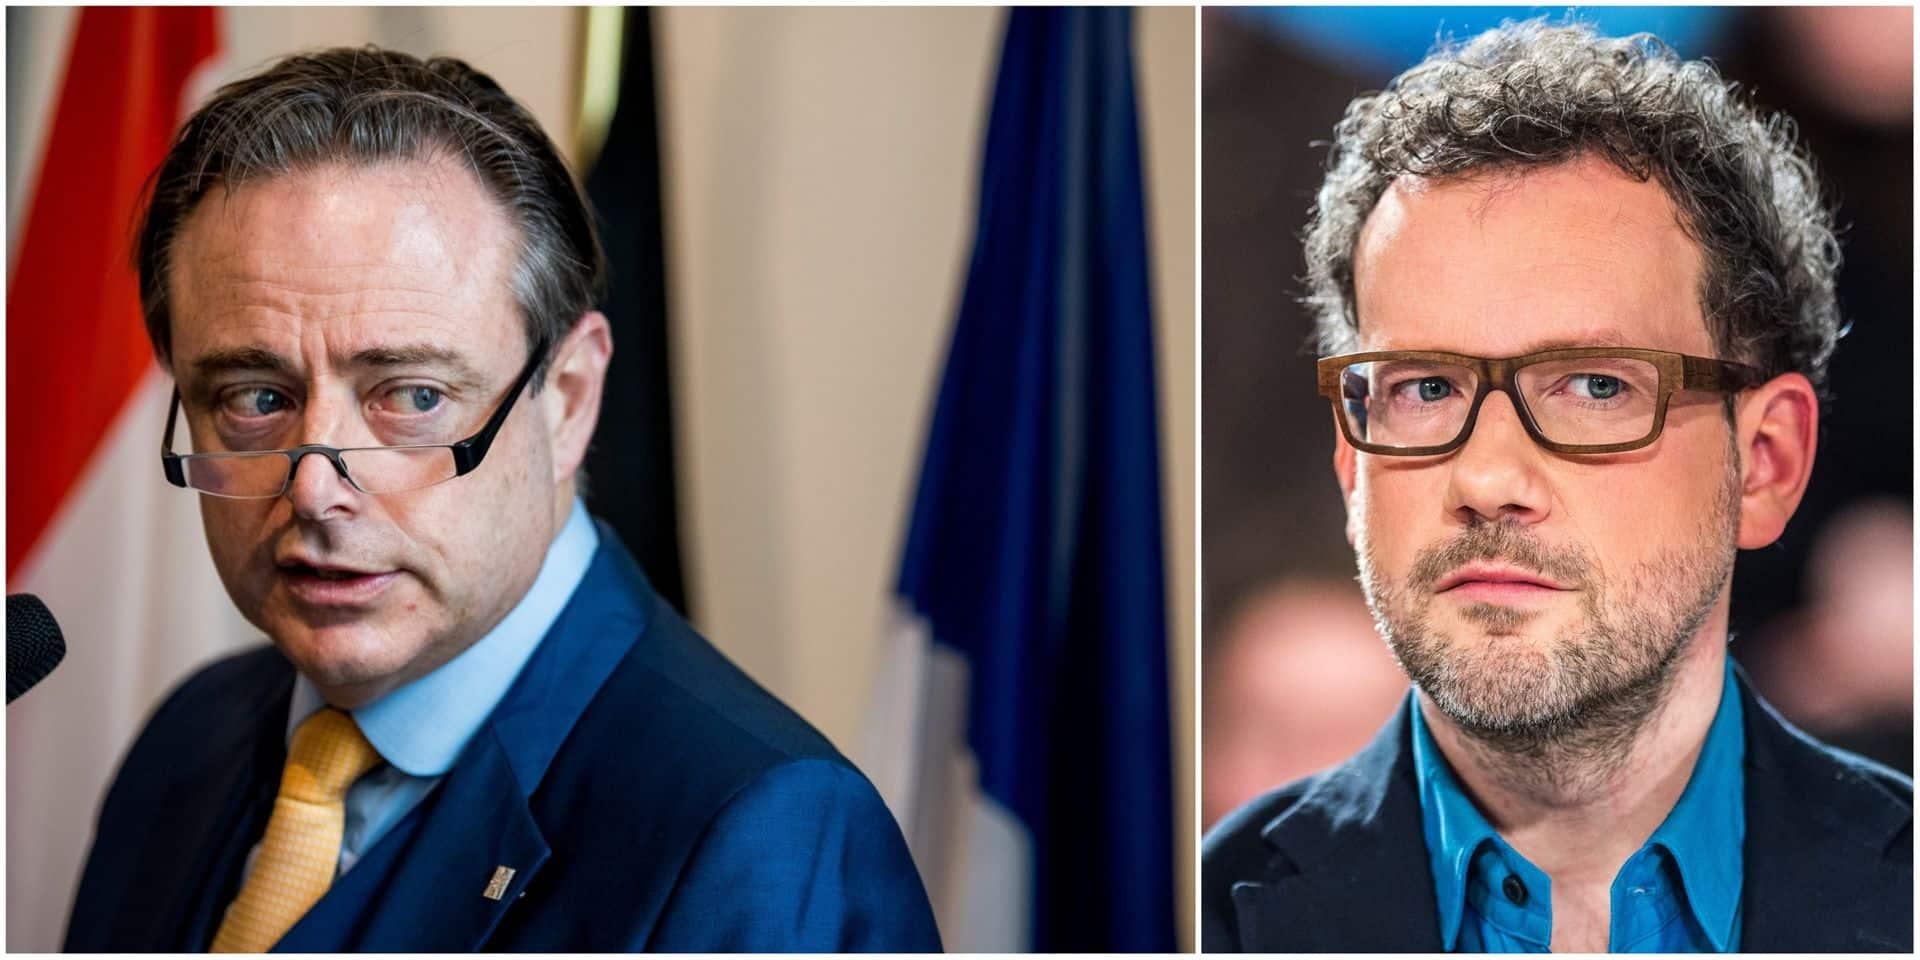 """Dave Sinardet décortique l'appel lancé par De Wever: """"Le front flamand se limite à un front N-VA/CD&V"""""""